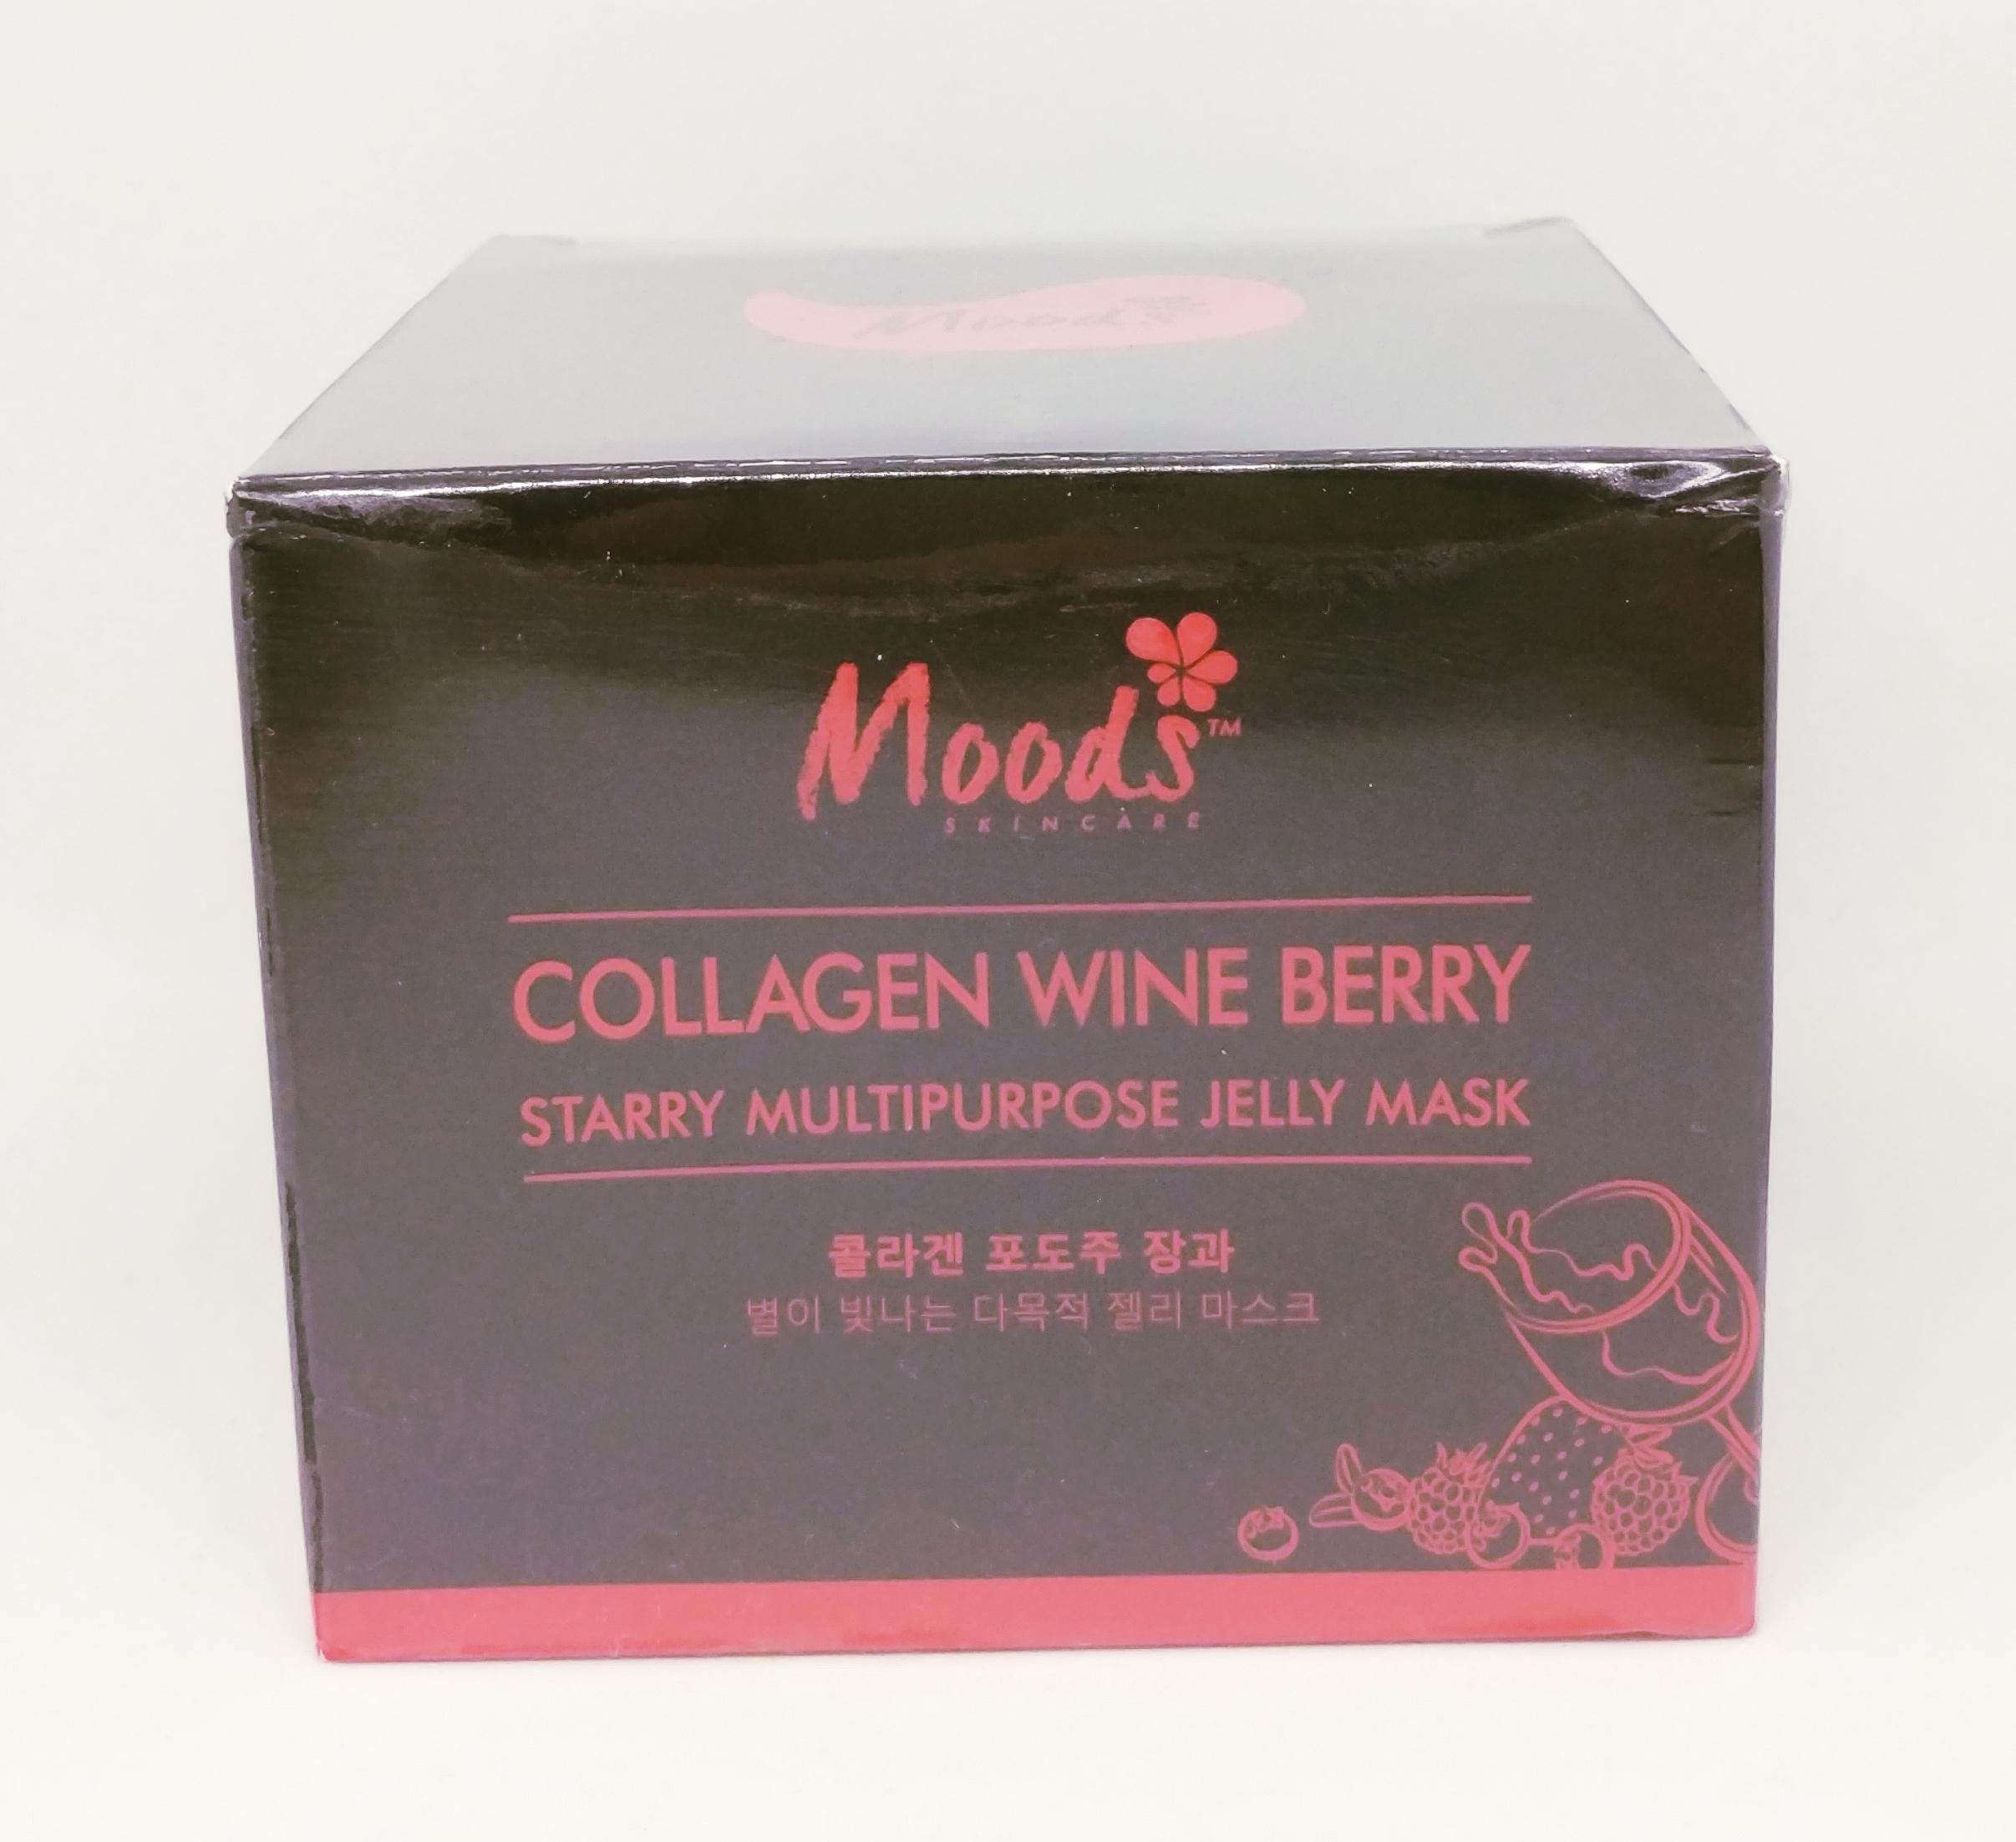 Тайские гидрогелевые патчи с коллагеном, вином и экстрактами ягод MOODS COLLAGEN WINE BERRY STARRY MULTIPURPOSE JELLY MASK 60 шт. тайская косметика патчи